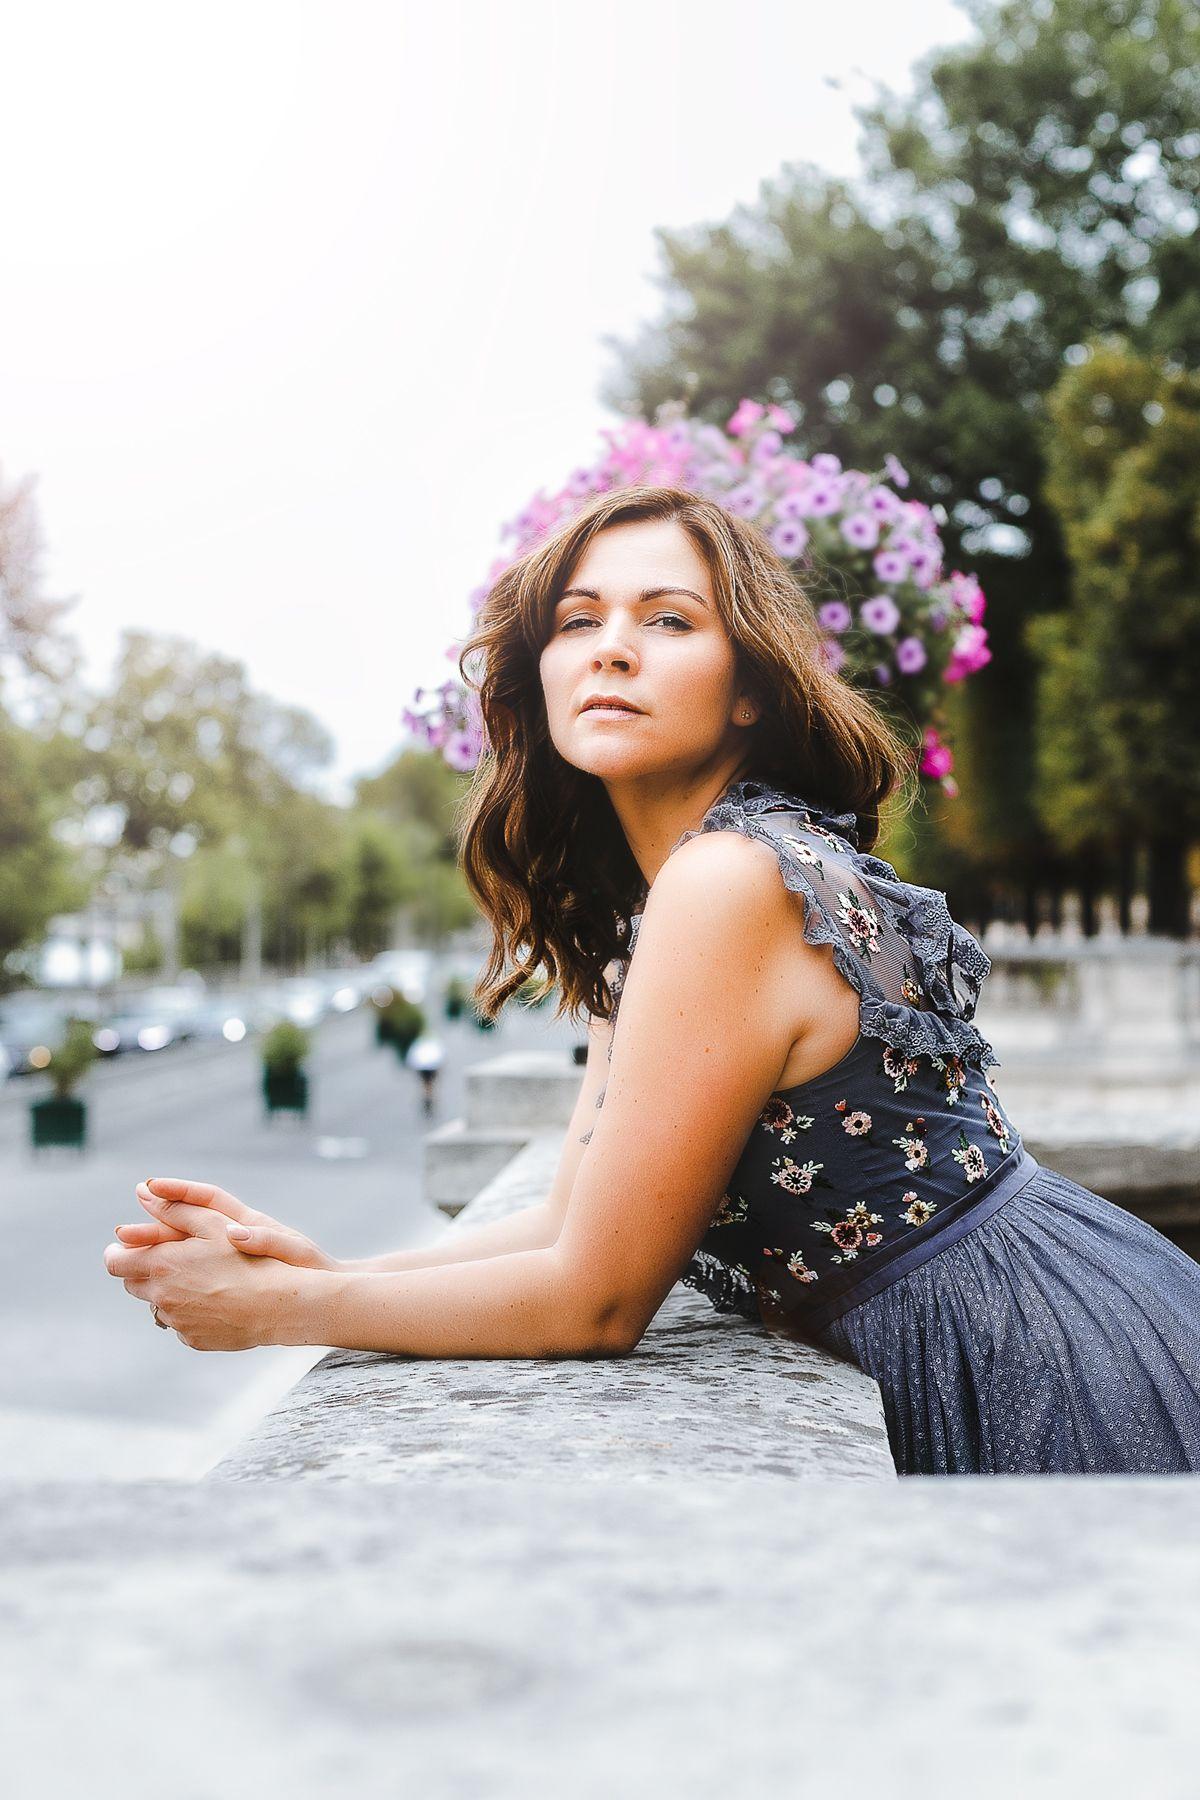 elegantes herbst outfit mit abendkleid im jardin tuileries